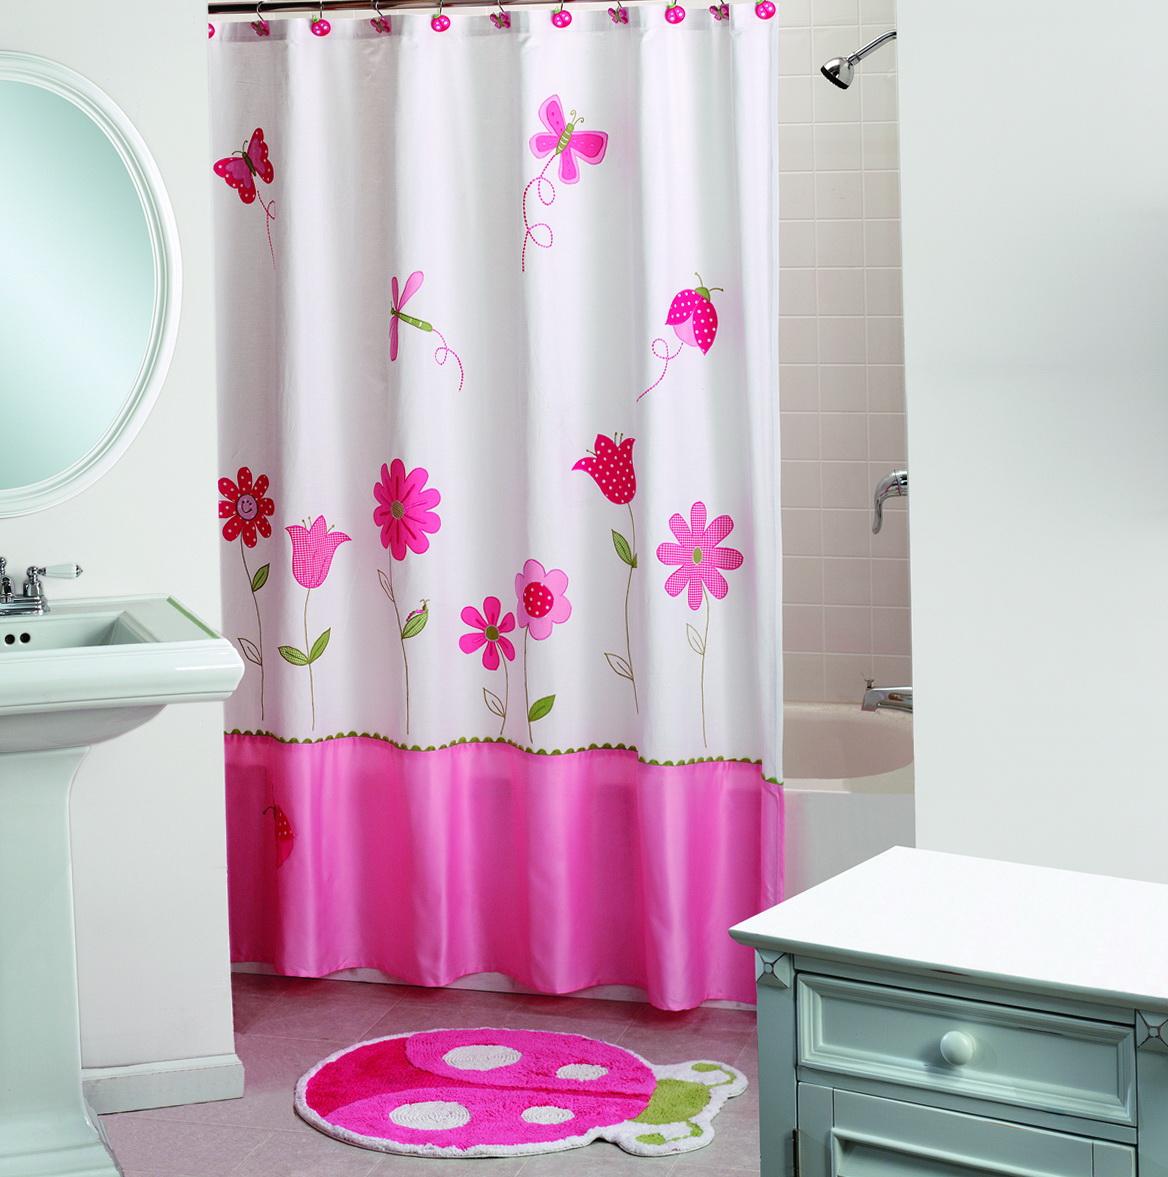 Bath Shower Curtains Sets